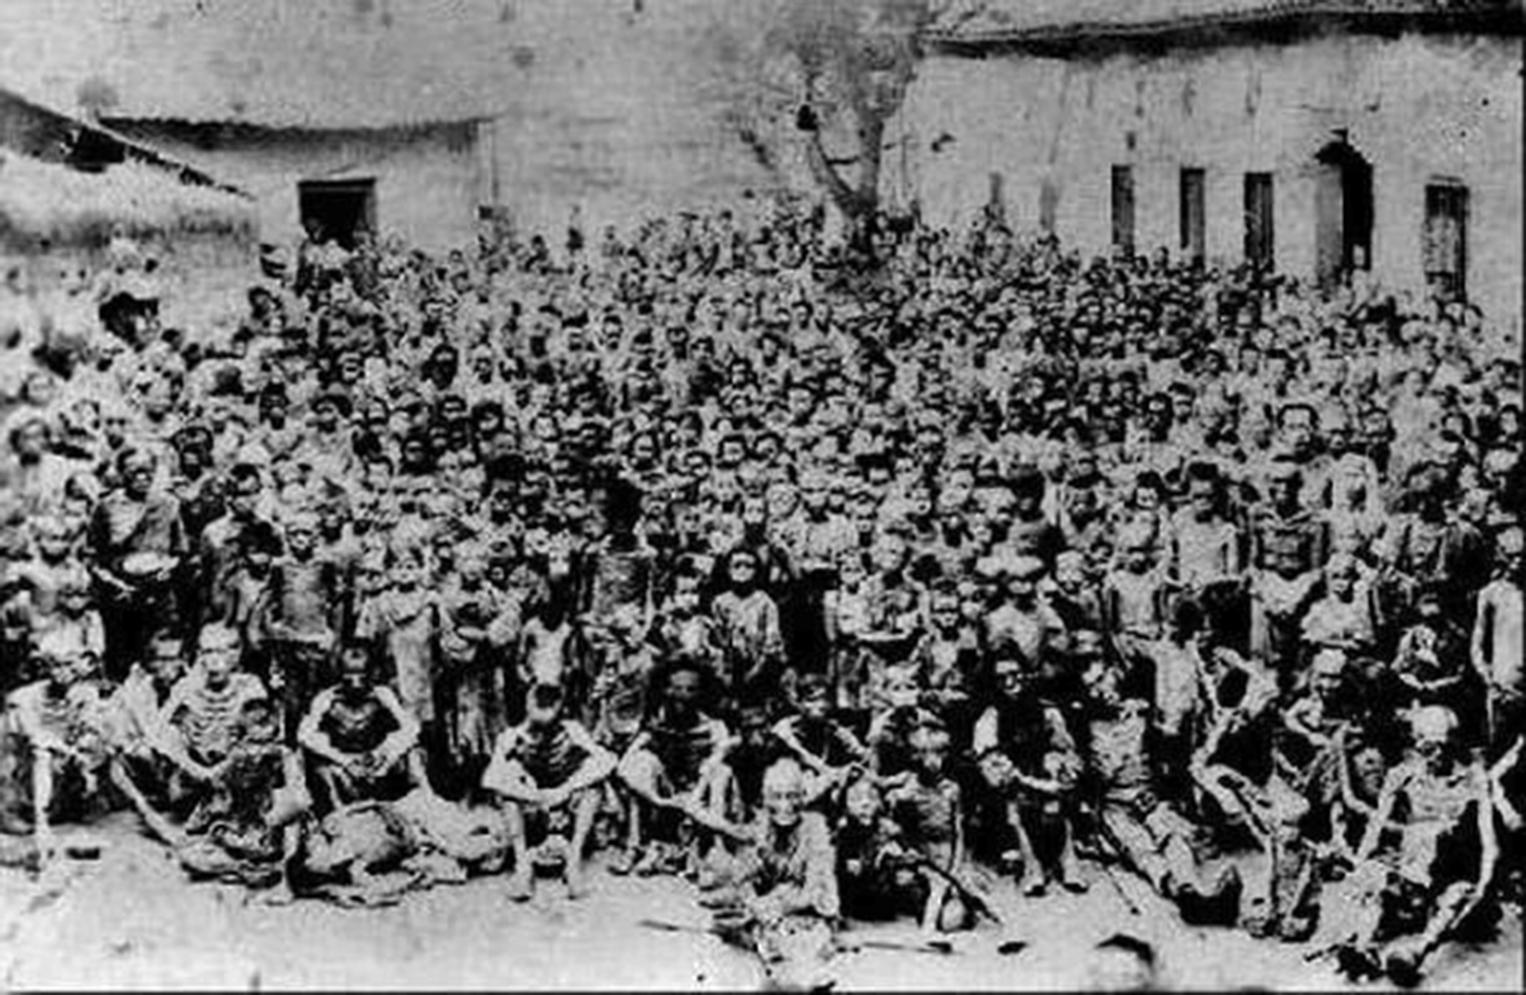 1959年至1961年,中國餓死四千萬人,不是因為大饑荒,而是當政者人為因素造成的。(網絡圖片)